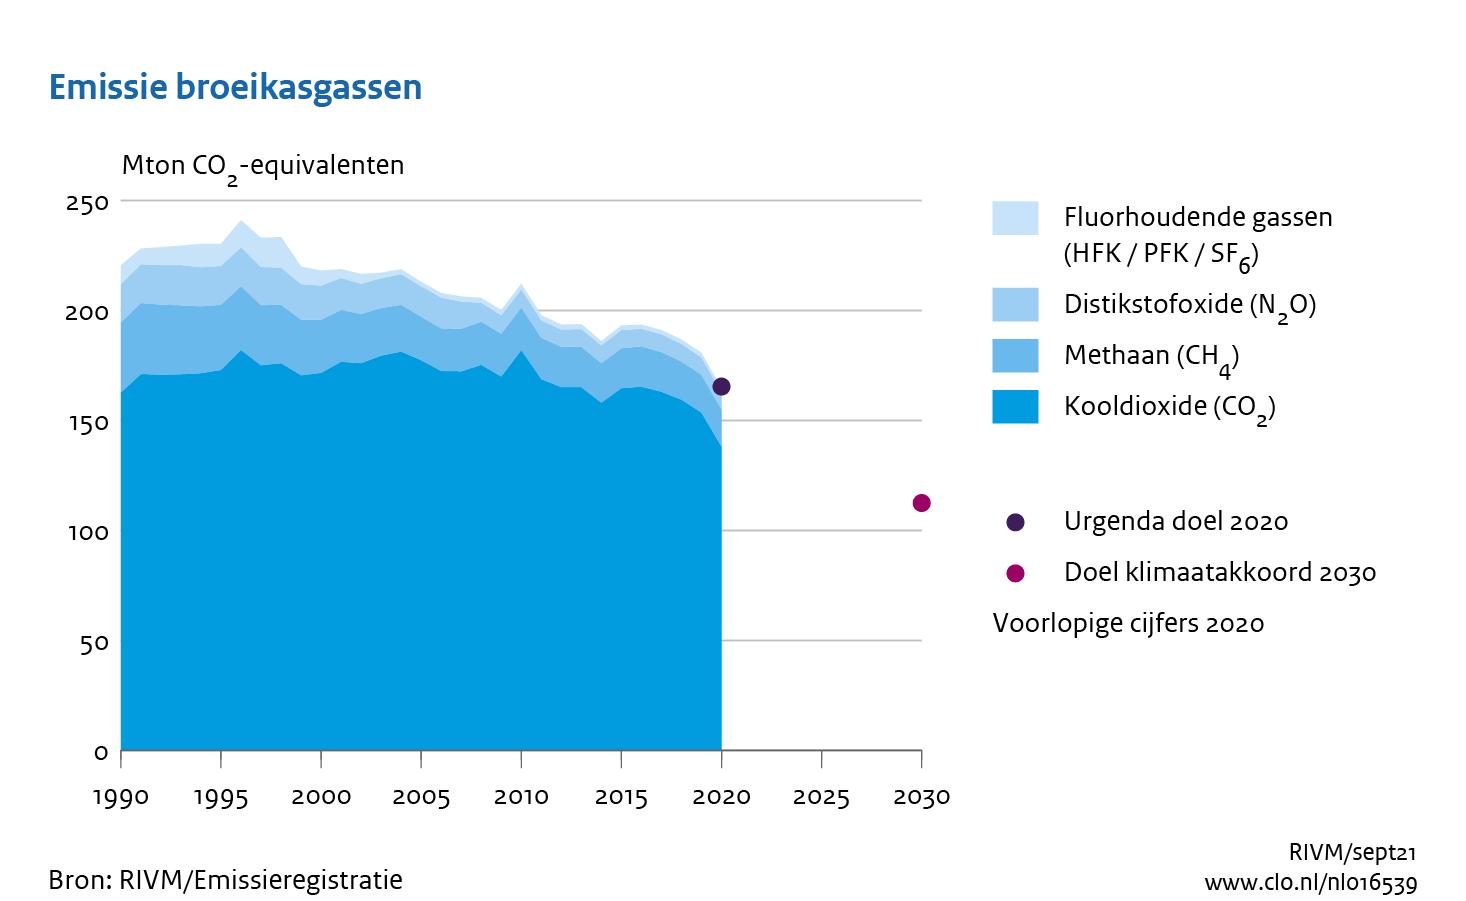 grafiek Emissie broeikasgassen